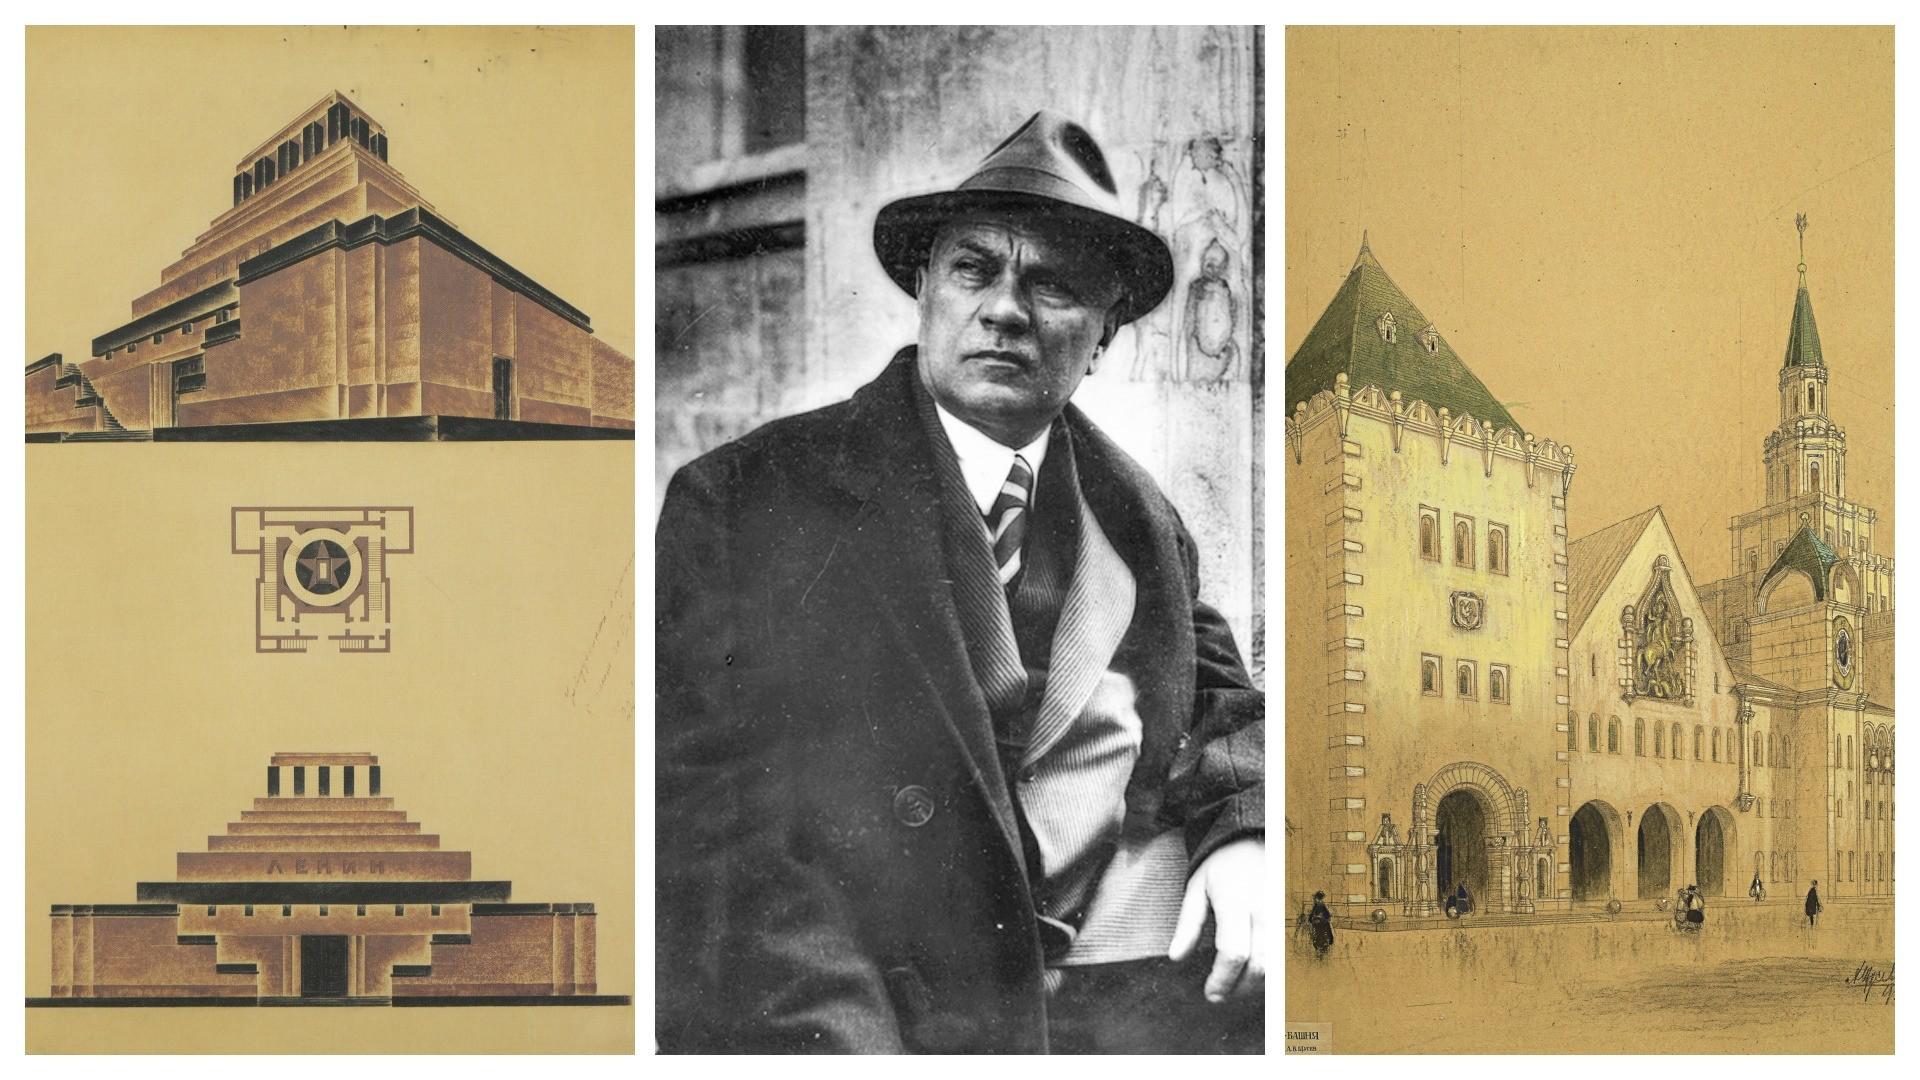 Aleksej Shchusev e due delle sue creazioni: il Mausoleo di Lenin (a sinistra) e la stazione ferroviaria Kazanskij di Mosca